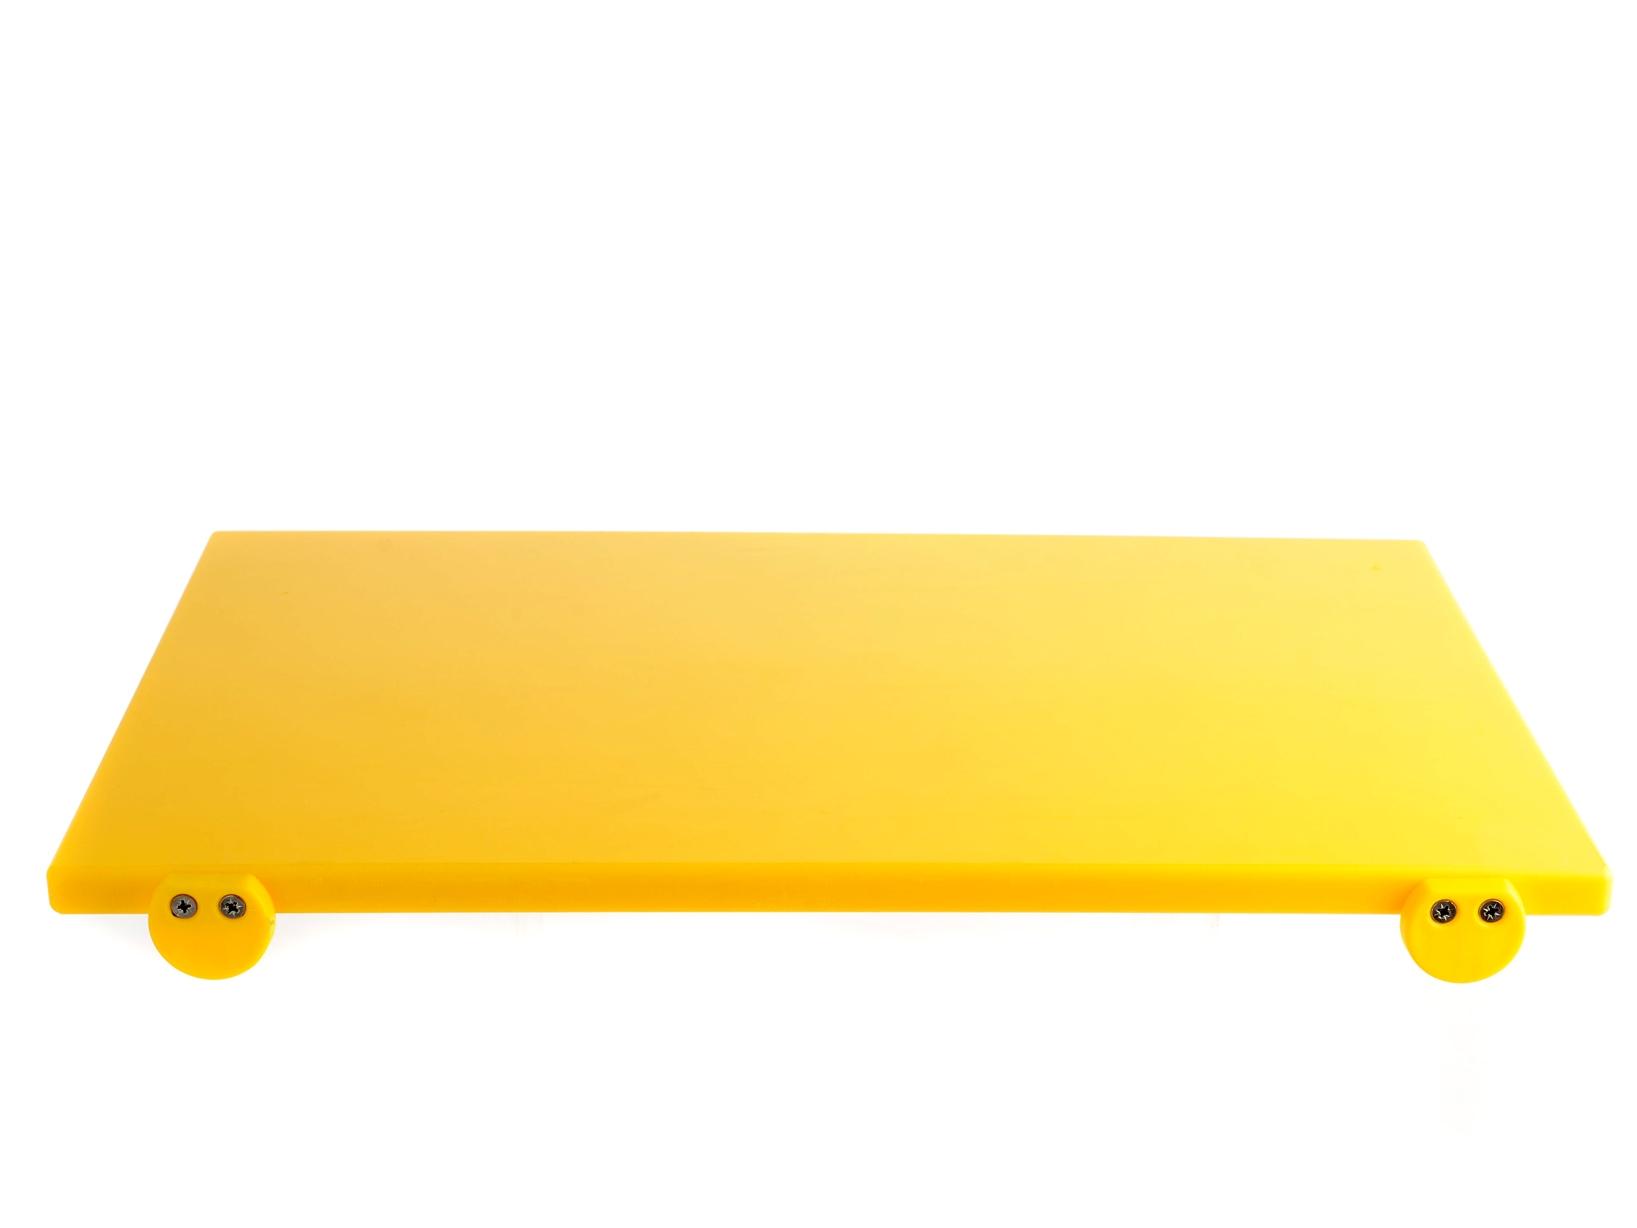 Acquista Tagliere Plastica Giallo Batterie 17503972 | Glooke.com